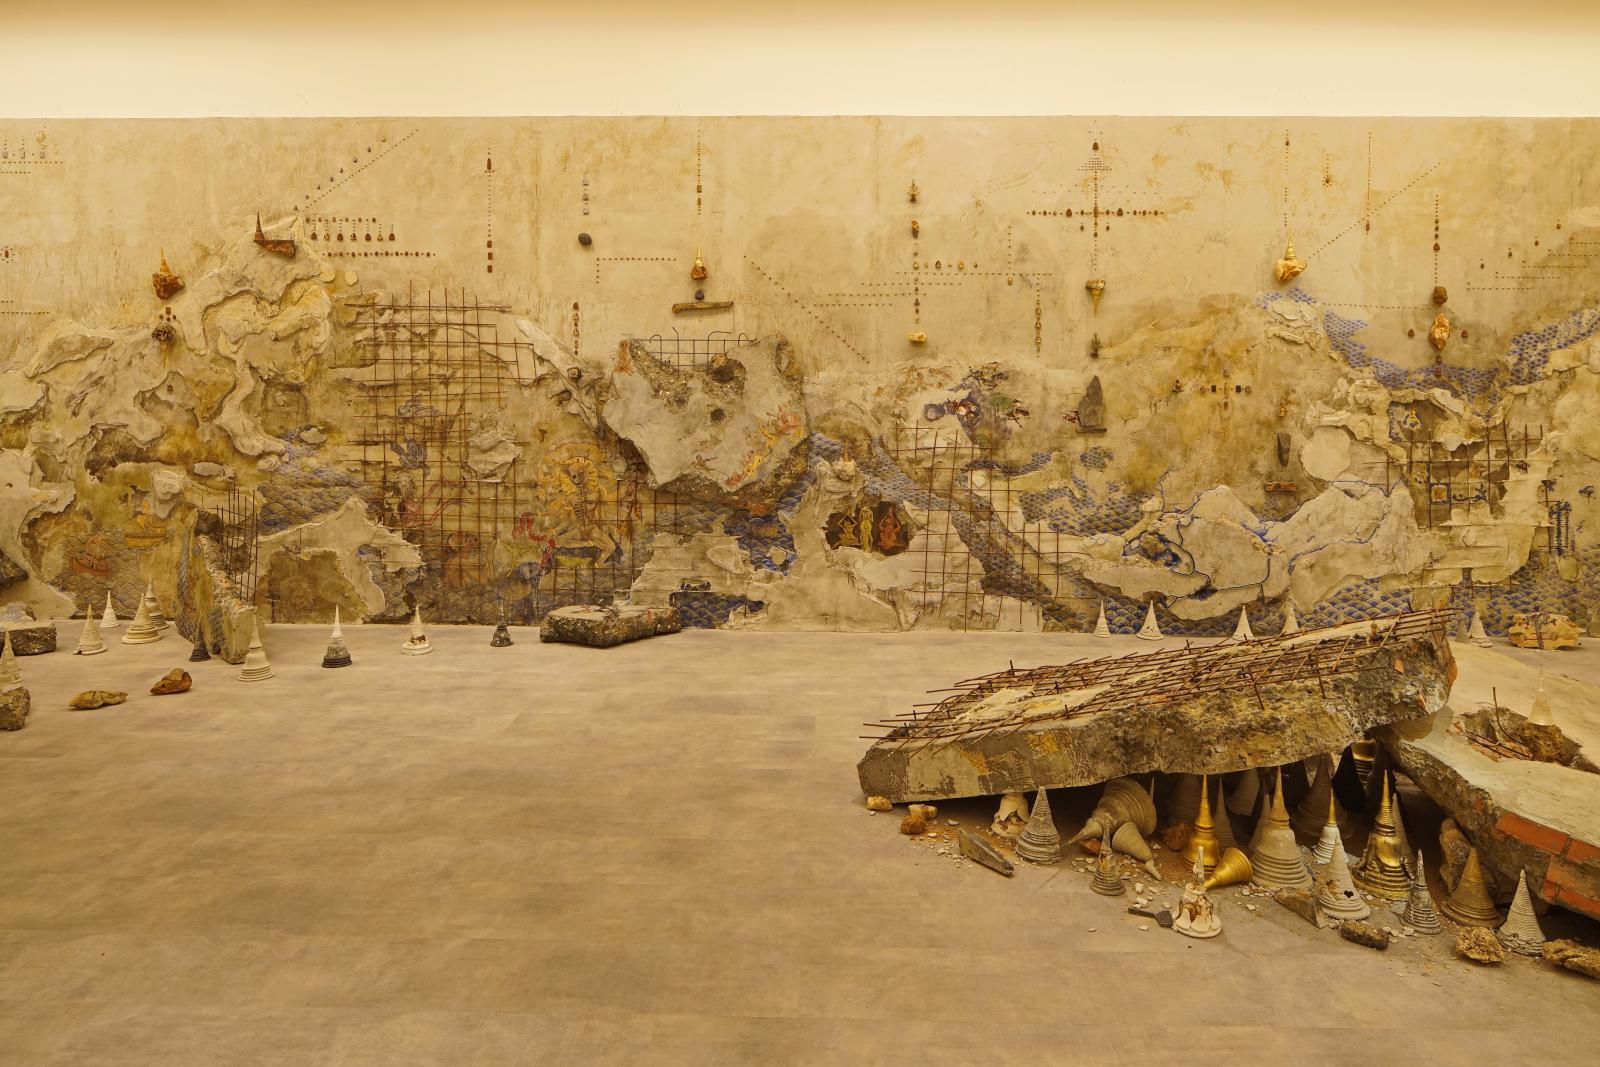 Aftermath (2016), de Pannaphan Yodmanee, dernière lauréate du Benesse Prize, repérée à la 5eBiennale de Singapour. Courtesy of Singapore Art Museum